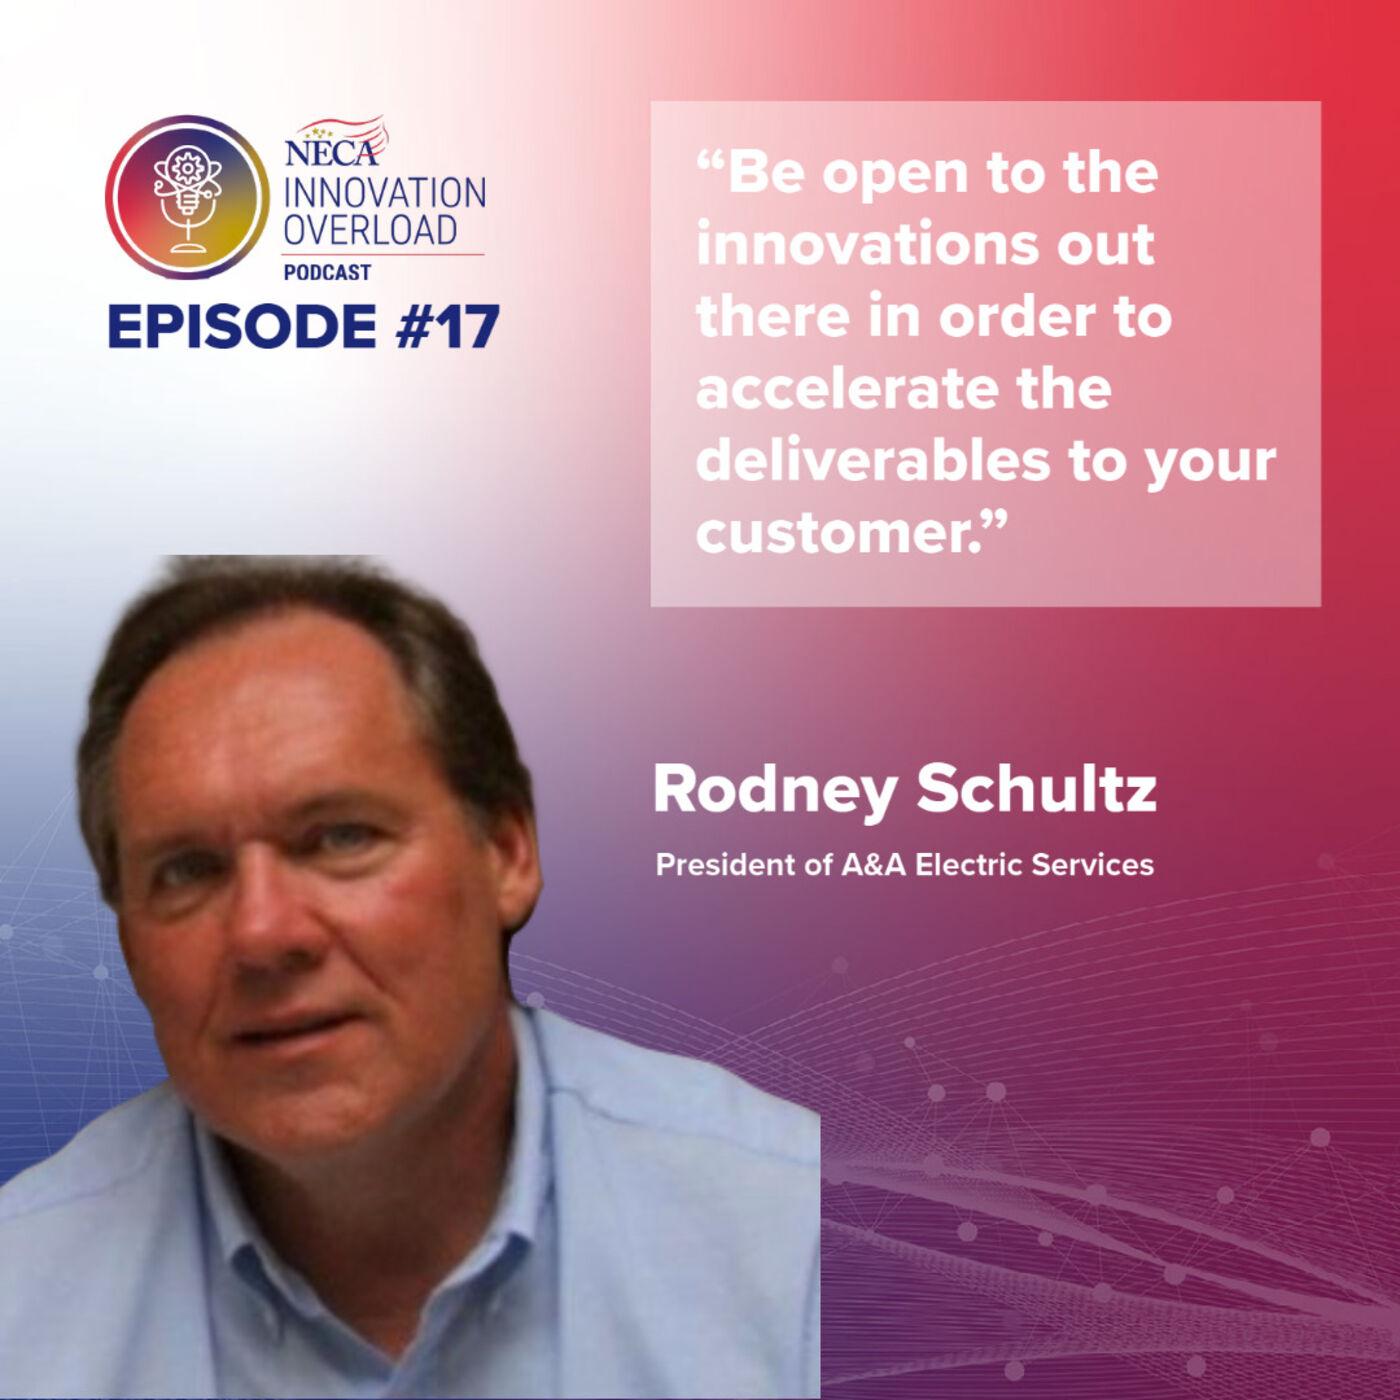 #17 - Rodney Schultz